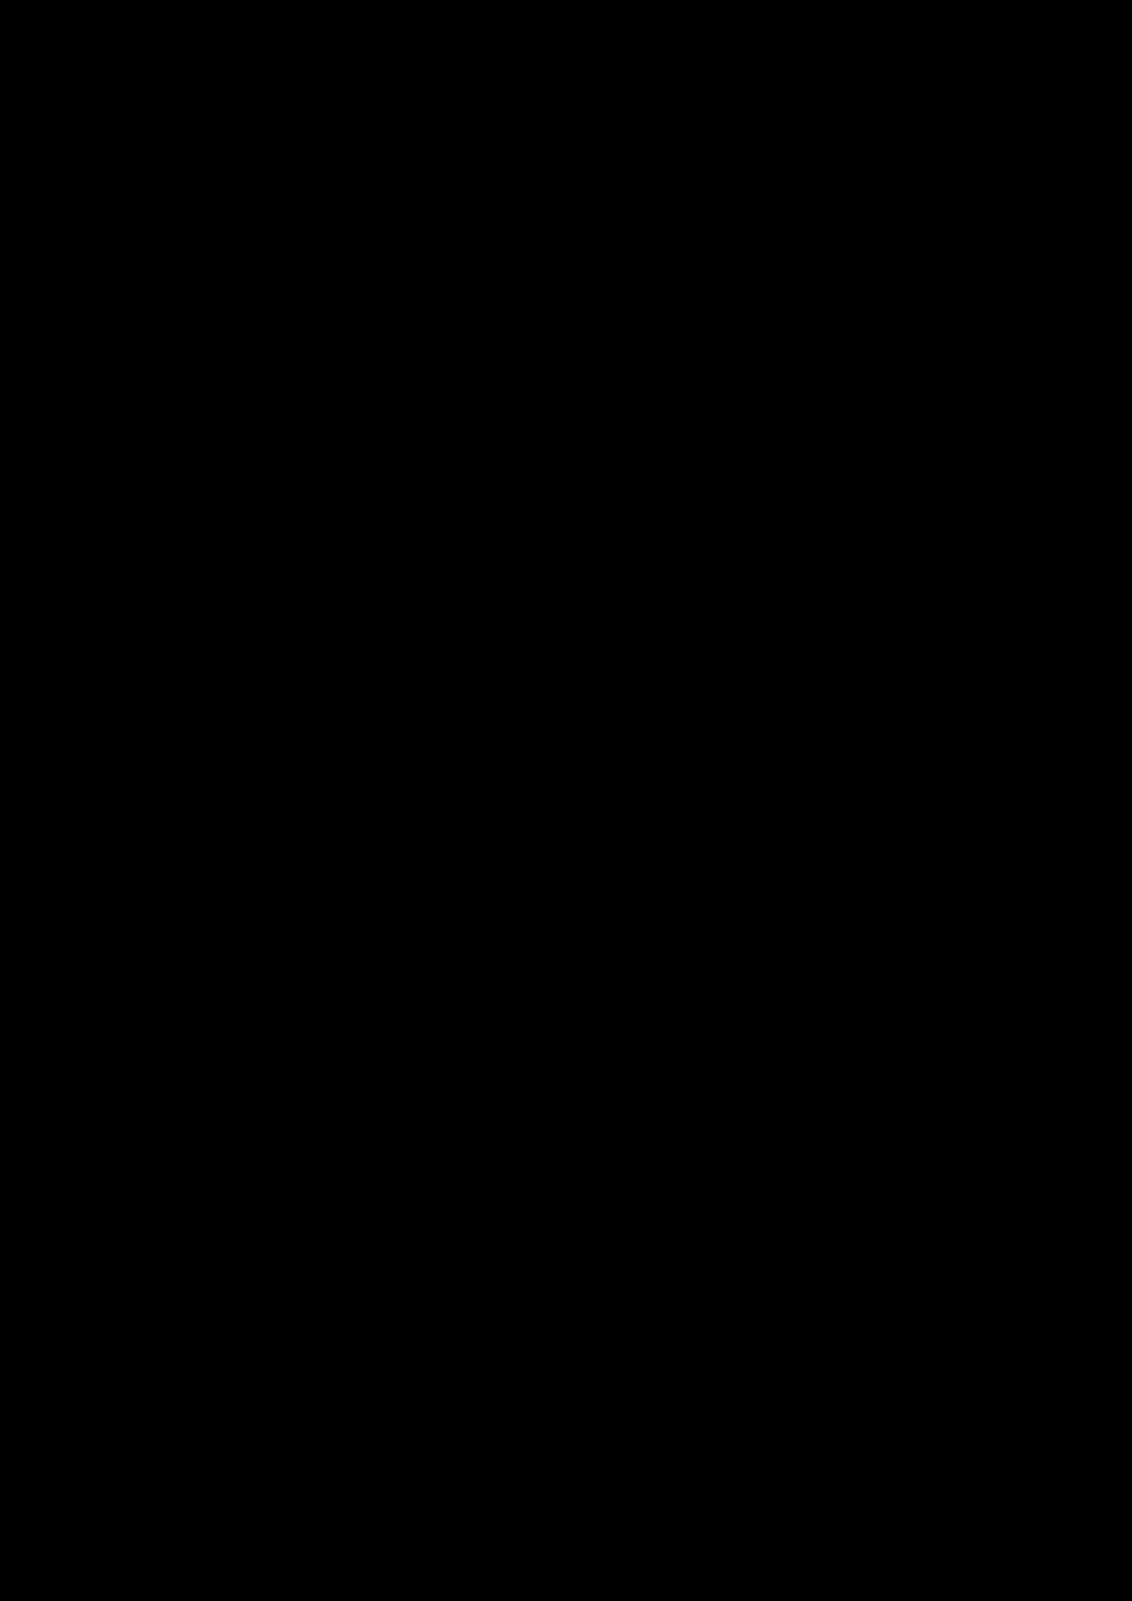 Zagadka volshebnoy stranyi slide, Image 35